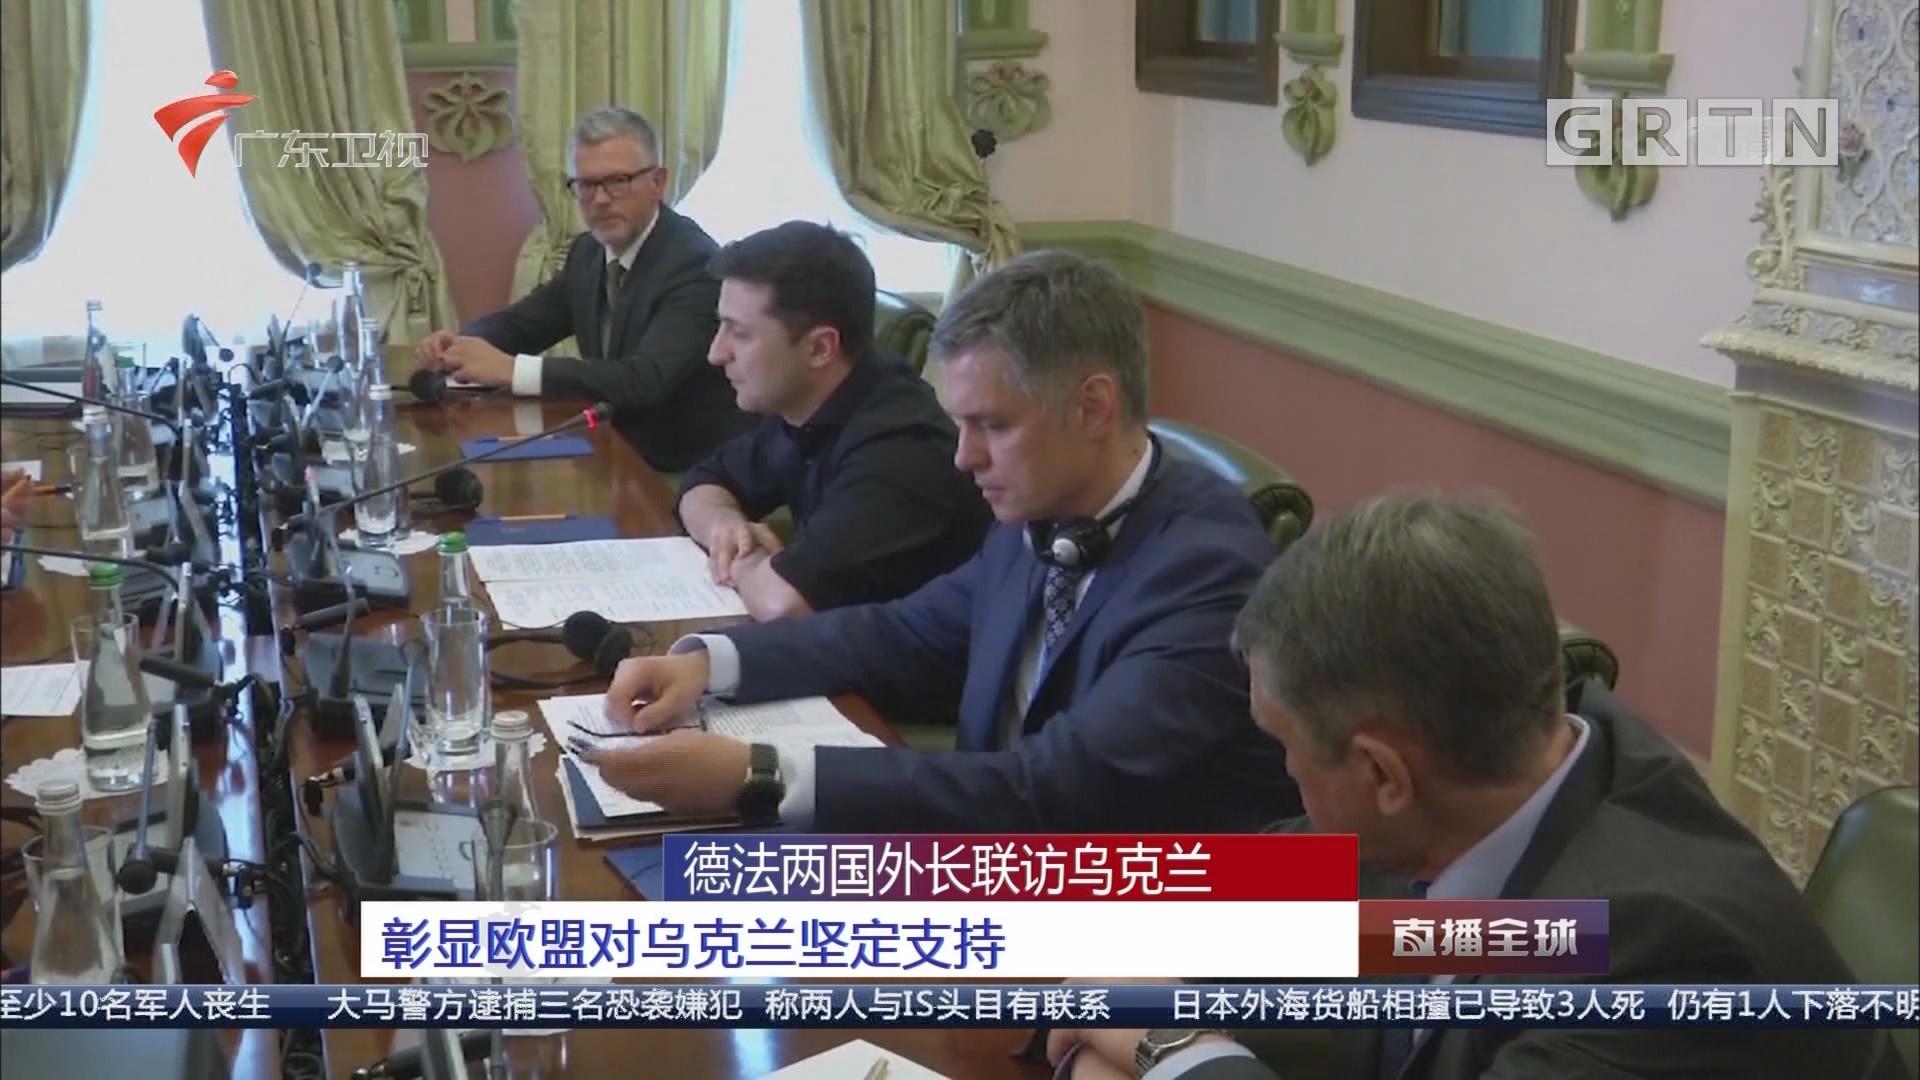 德法两国外长联访乌克兰:乌克兰总统会见两国外长